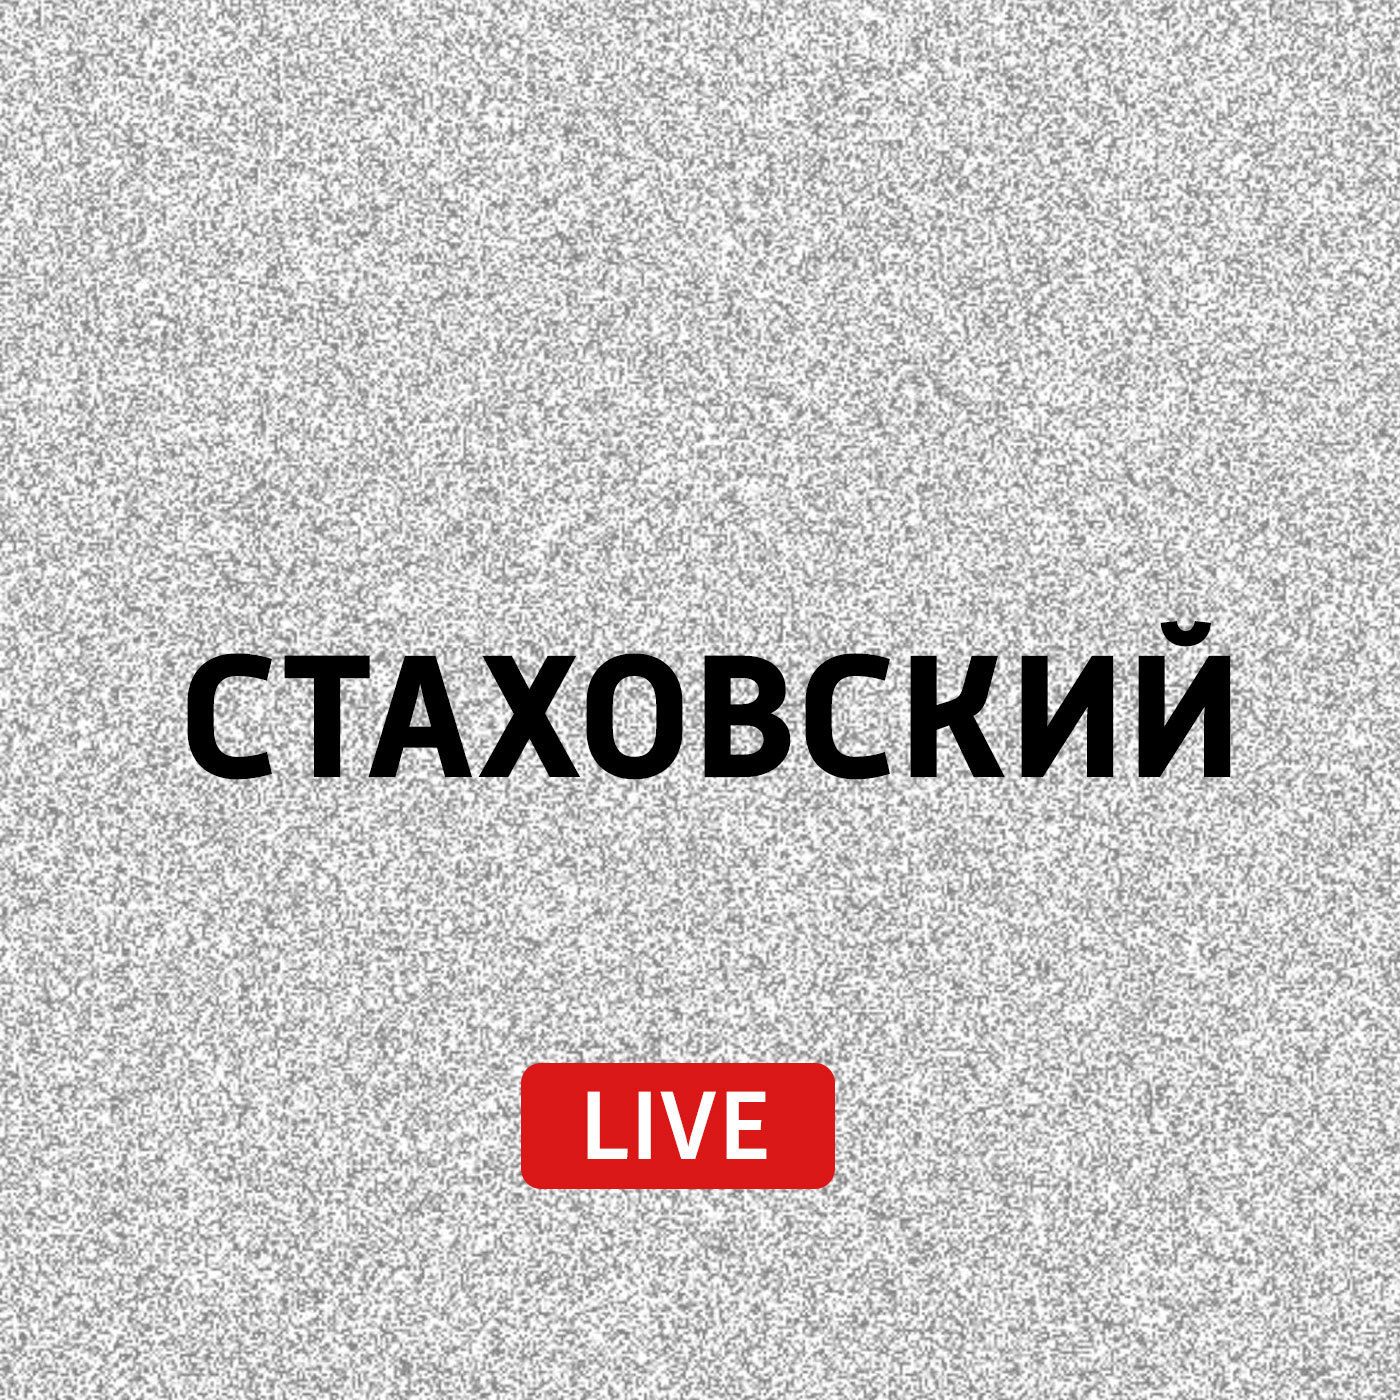 Евгений Стаховский Детективная антология евгений стаховский кнут гамсун